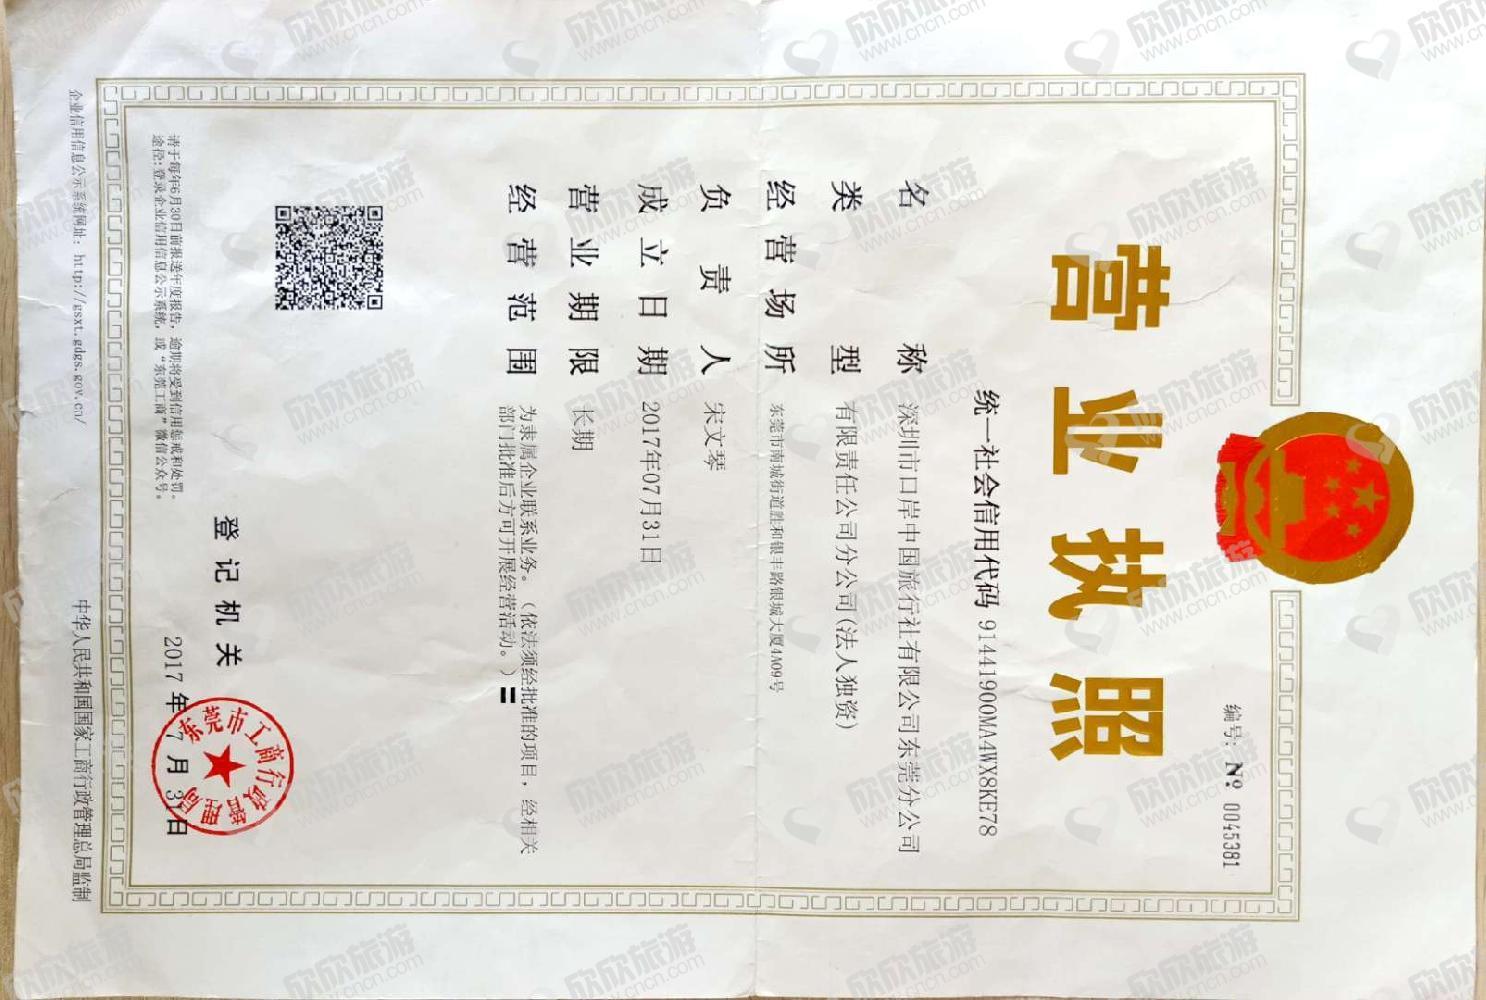 广东省拱北口岸中国旅行社有限公司东莞分公司营业执照